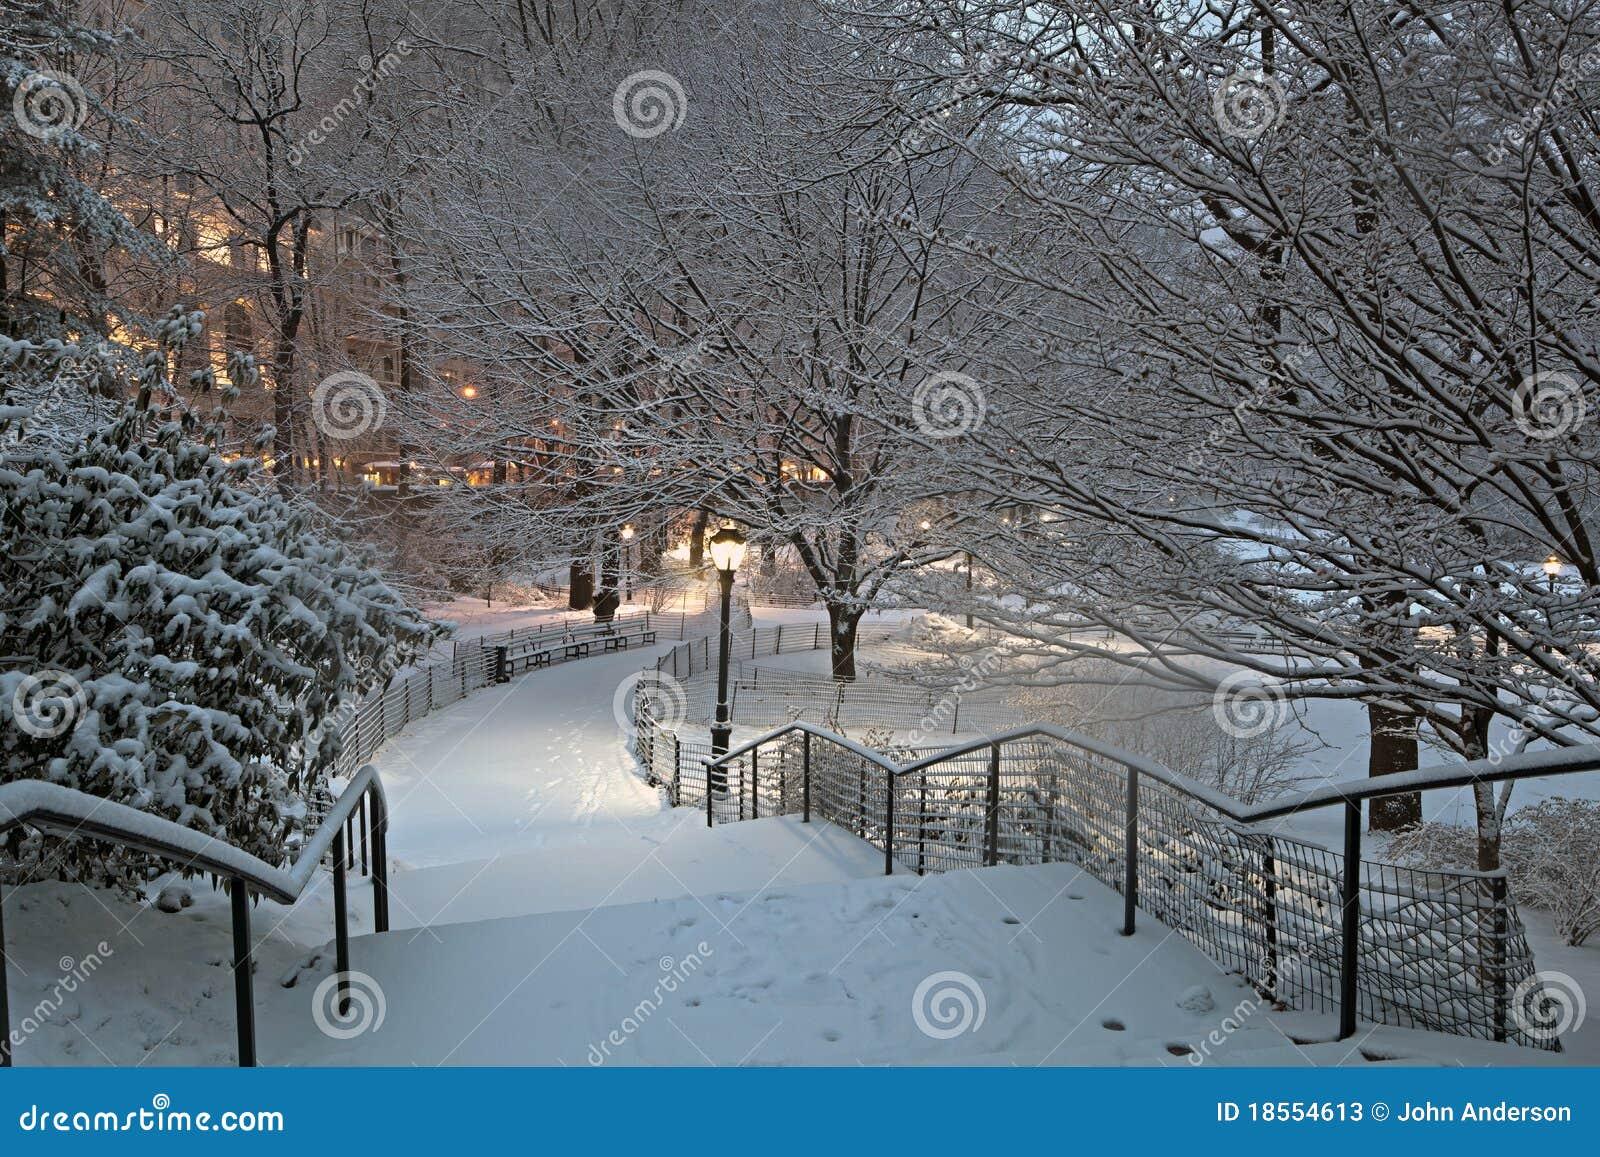 Central park dans la temp te de neige image stock image - Photos de neige gratuites ...